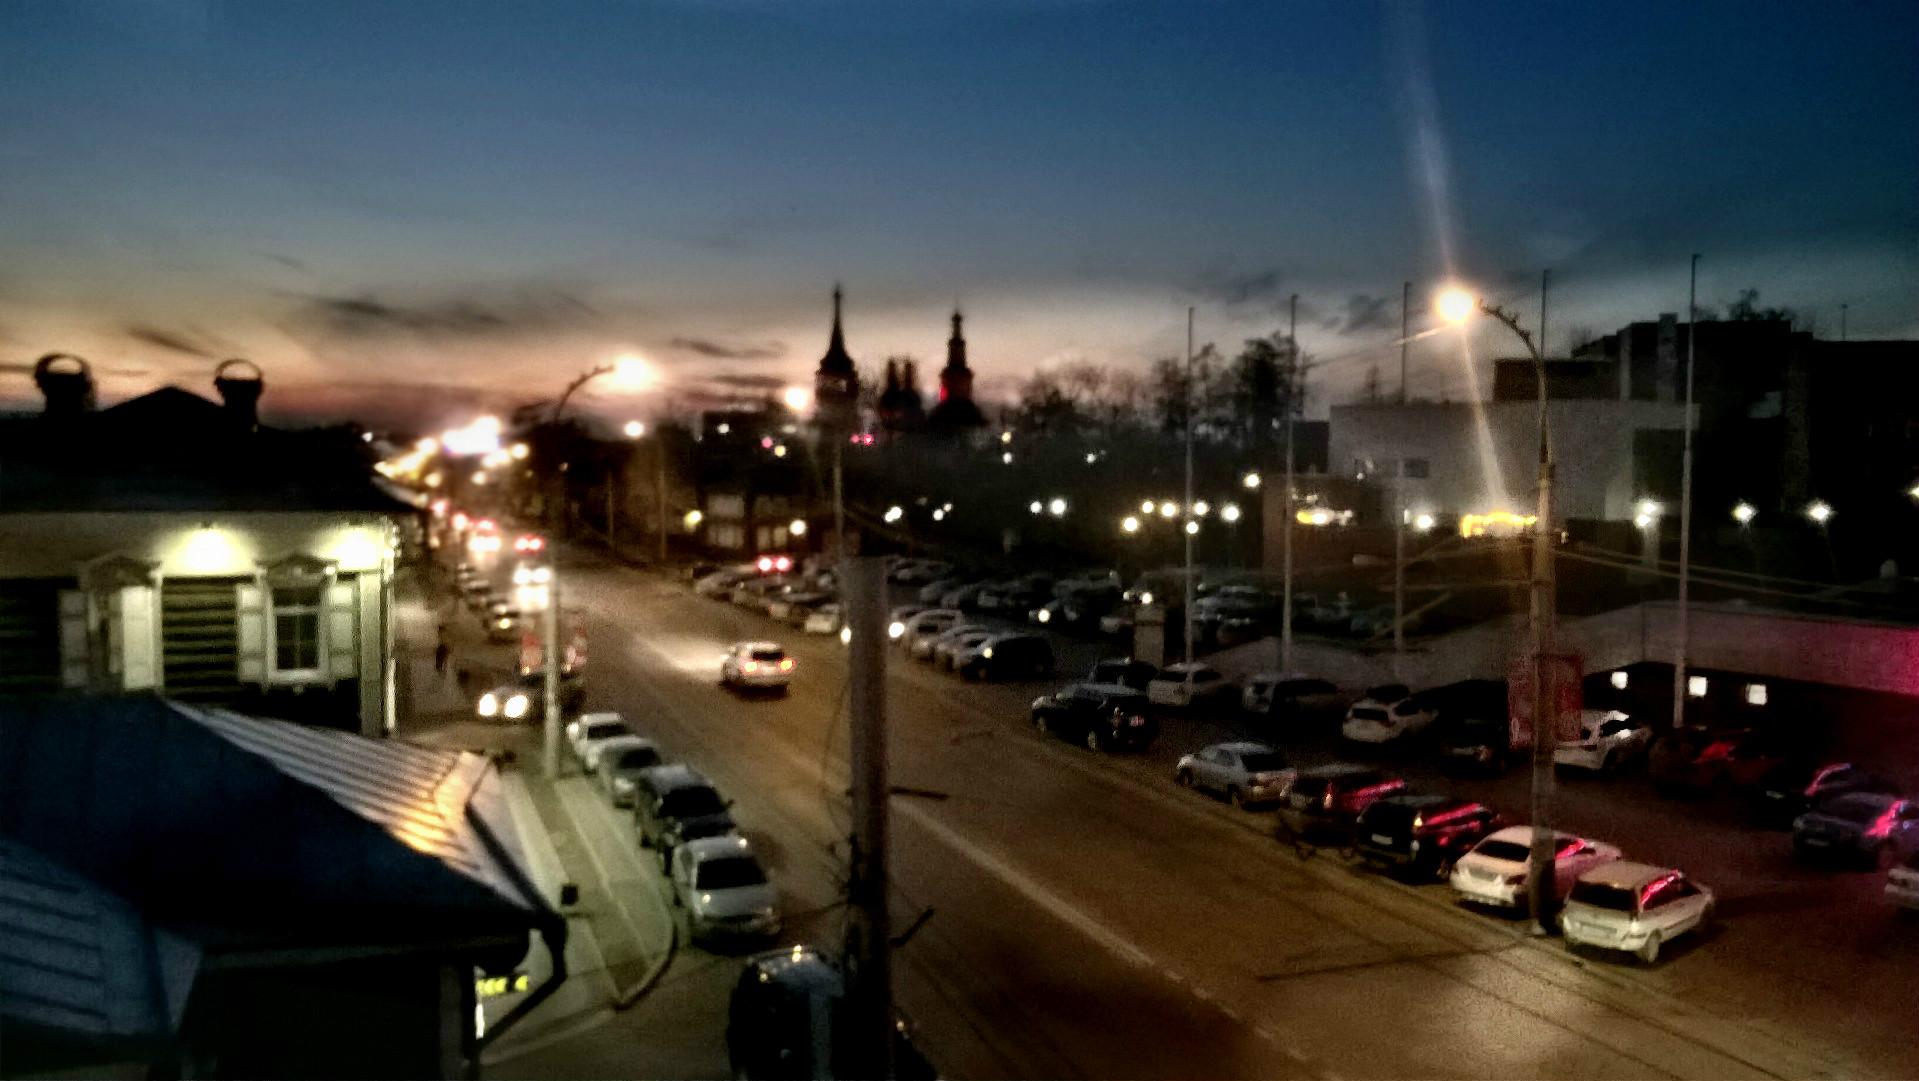 экскурсия по ночному иркутску